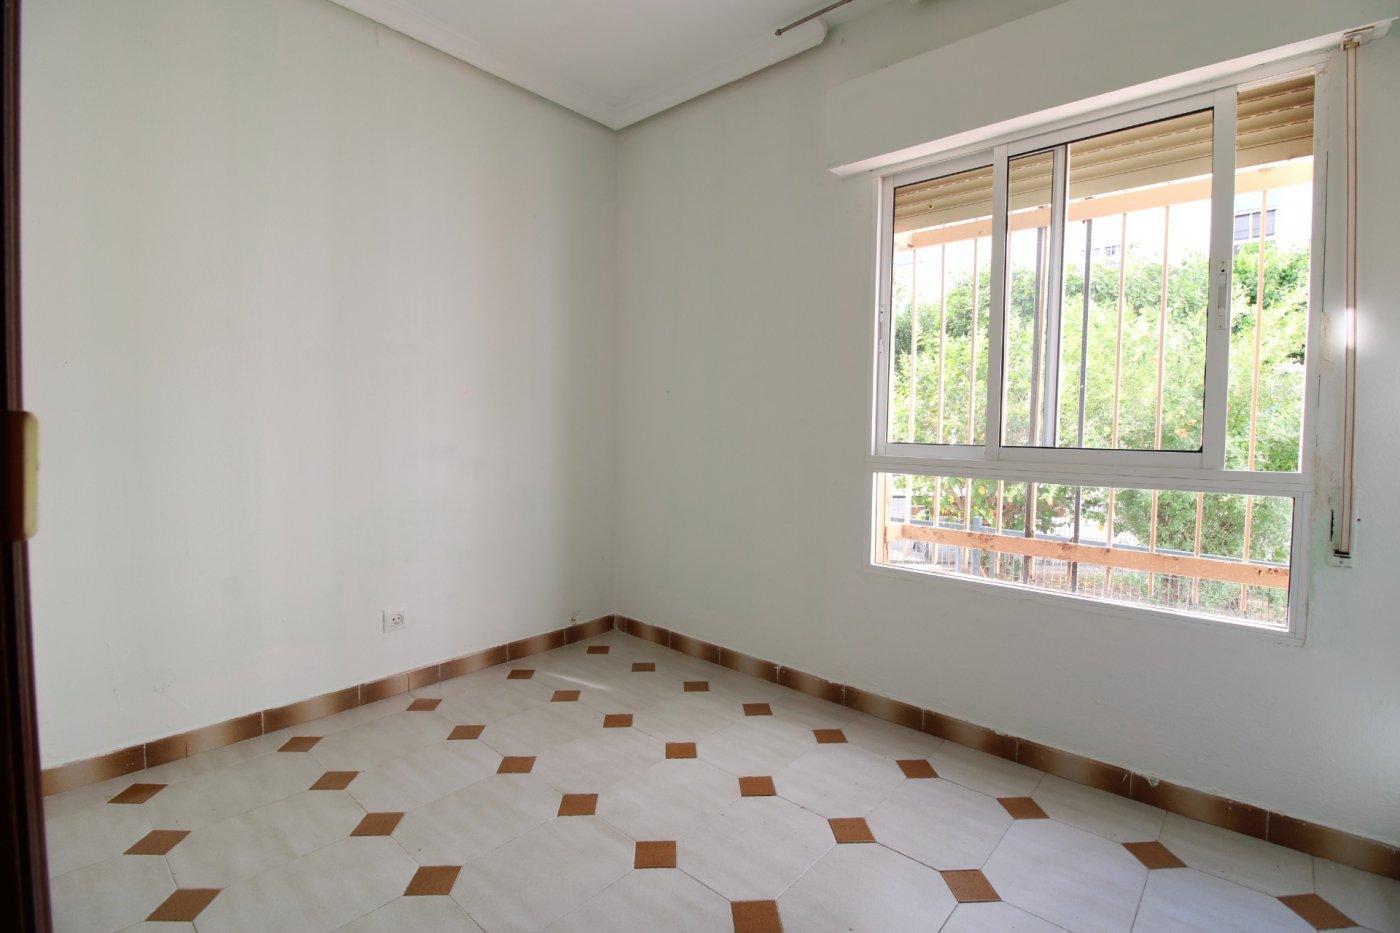 Piso a la venta en sevilla zona carretera carmona - imagenInmueble25